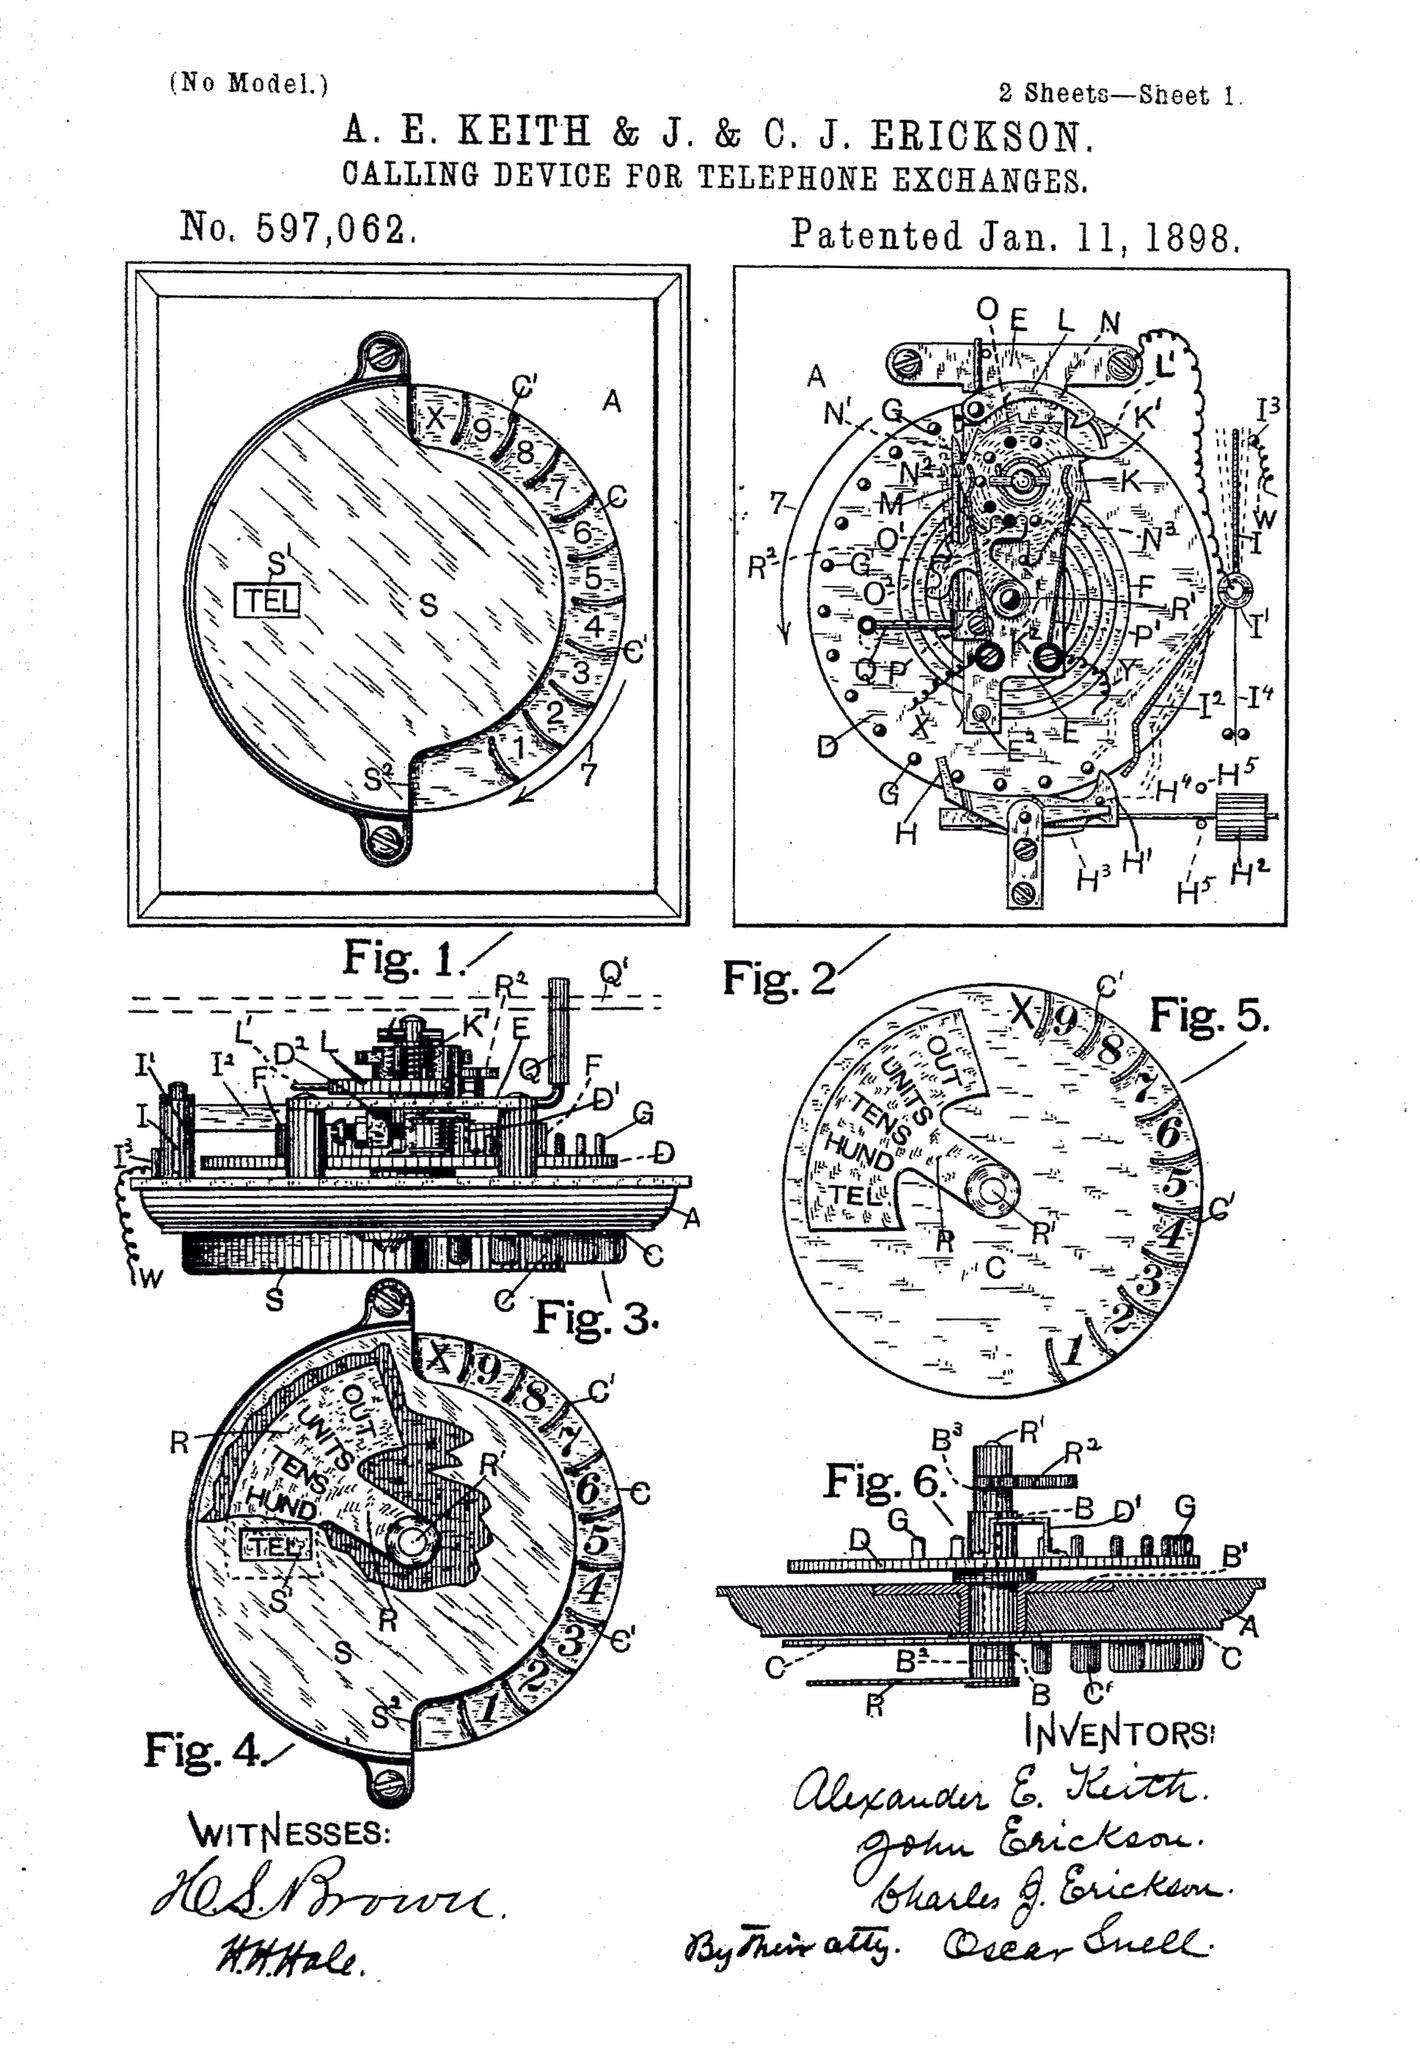 当电话刚发明的时候,需要联系接线员才能打电话。#1896年8月20日,John和Charles J. Erickson兄弟和Alexander E. Keith申请了旋转拨号电话的专利。1898年1月11日颁发专利。.jpg